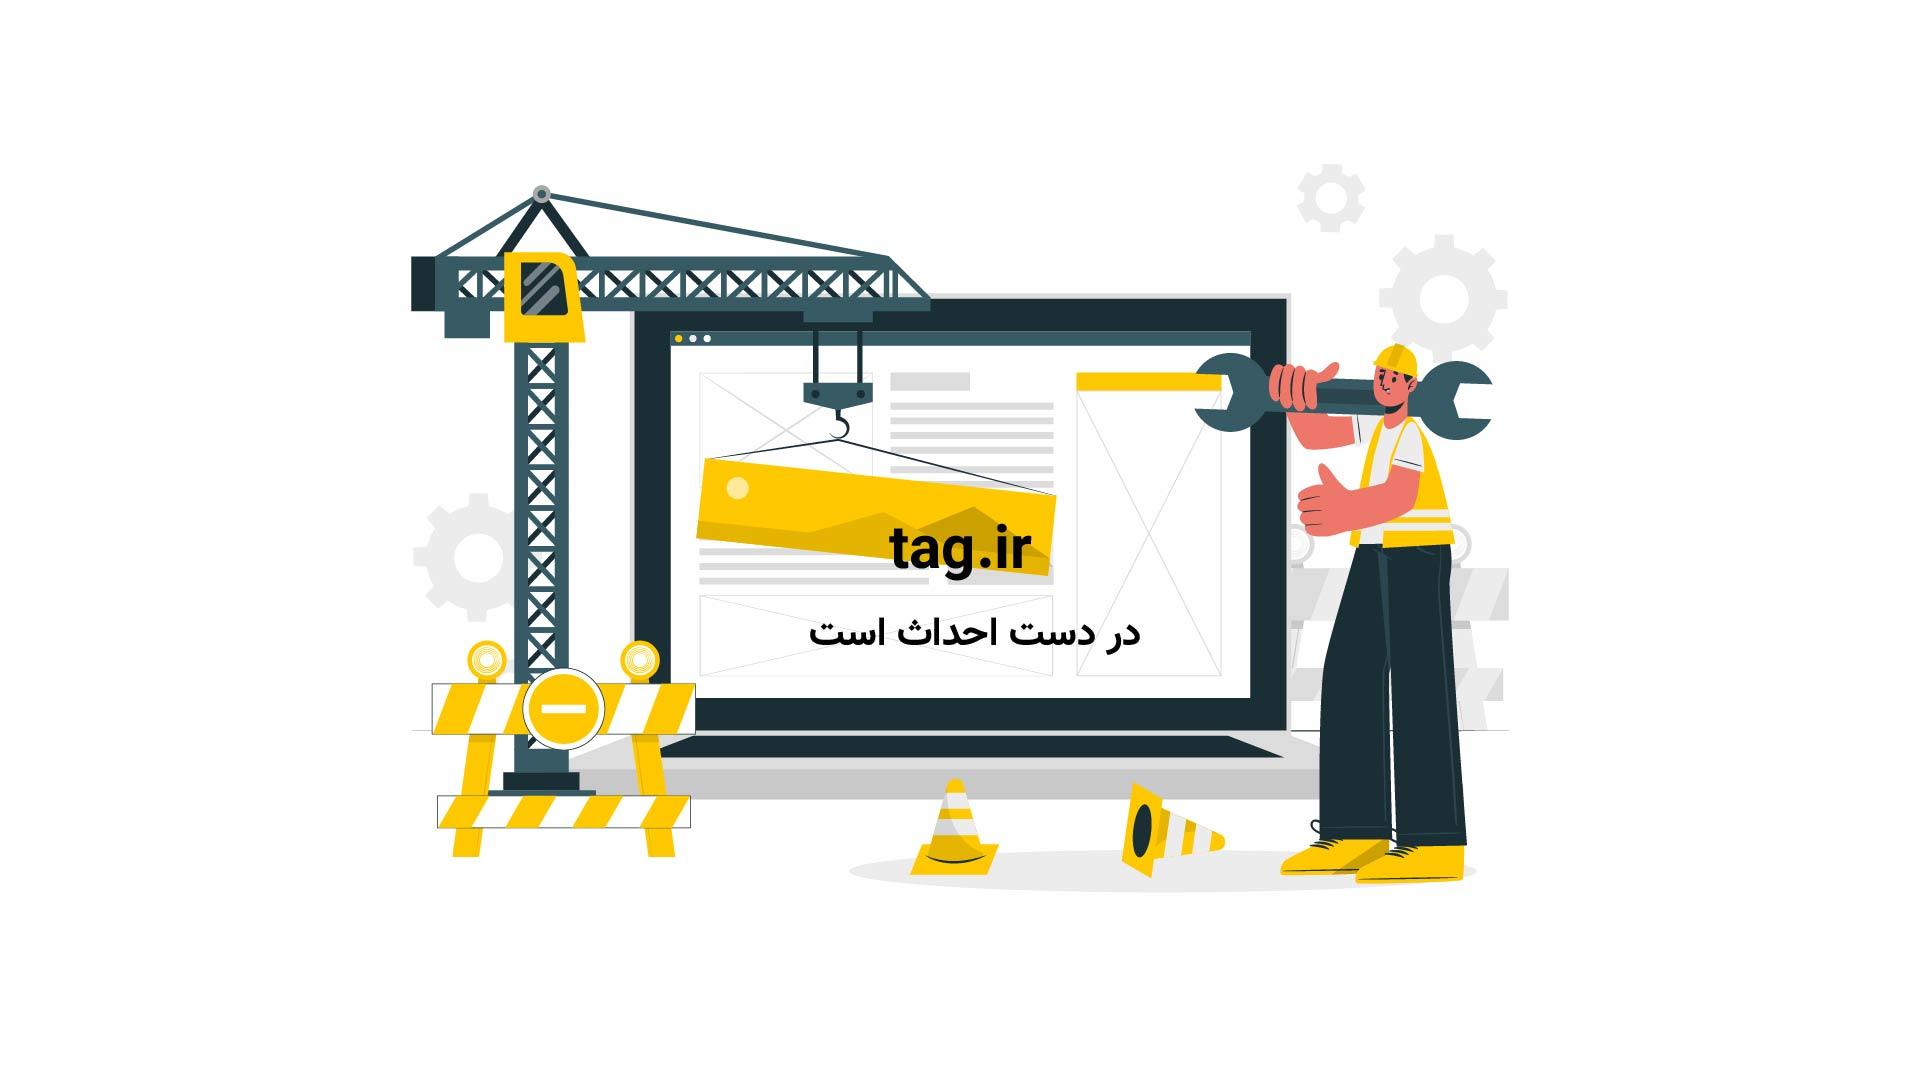 سخنرانی های تد؛ ترفندهای دستکاری ذهنی تبلیغاتی |فیلم